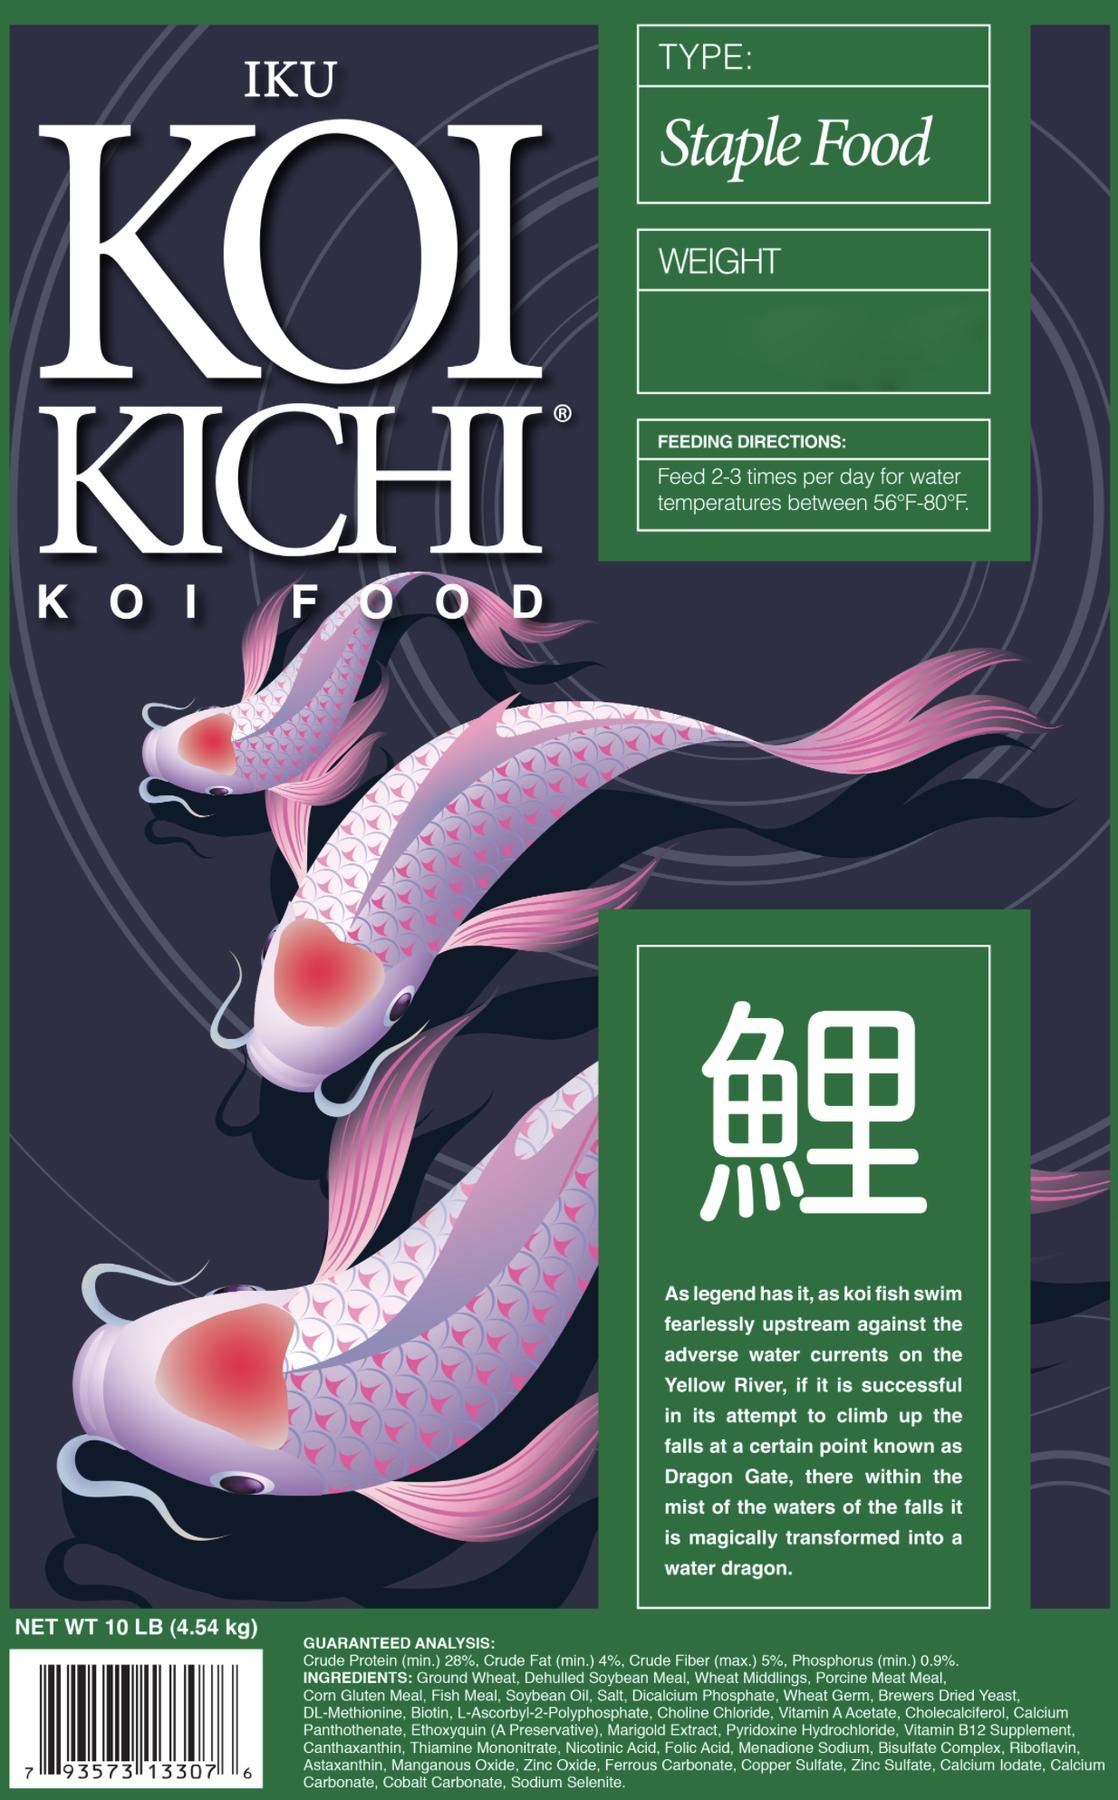 Iku Koi Kichi Staple Koi Fish Food